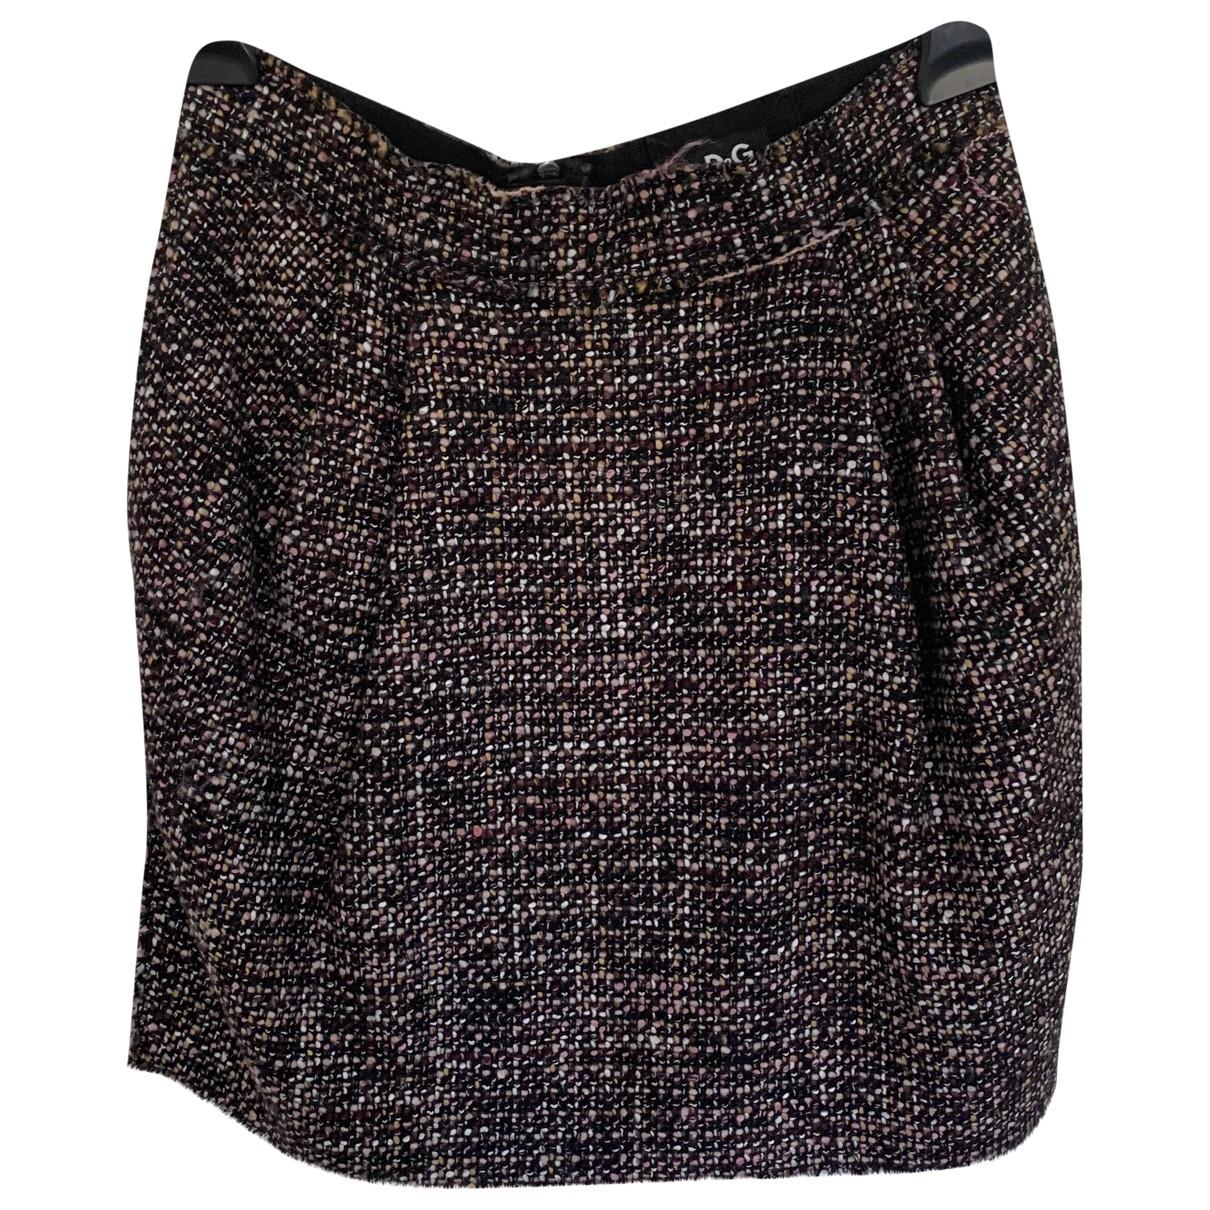 D&g \N Rocke in  Bunt Tweed